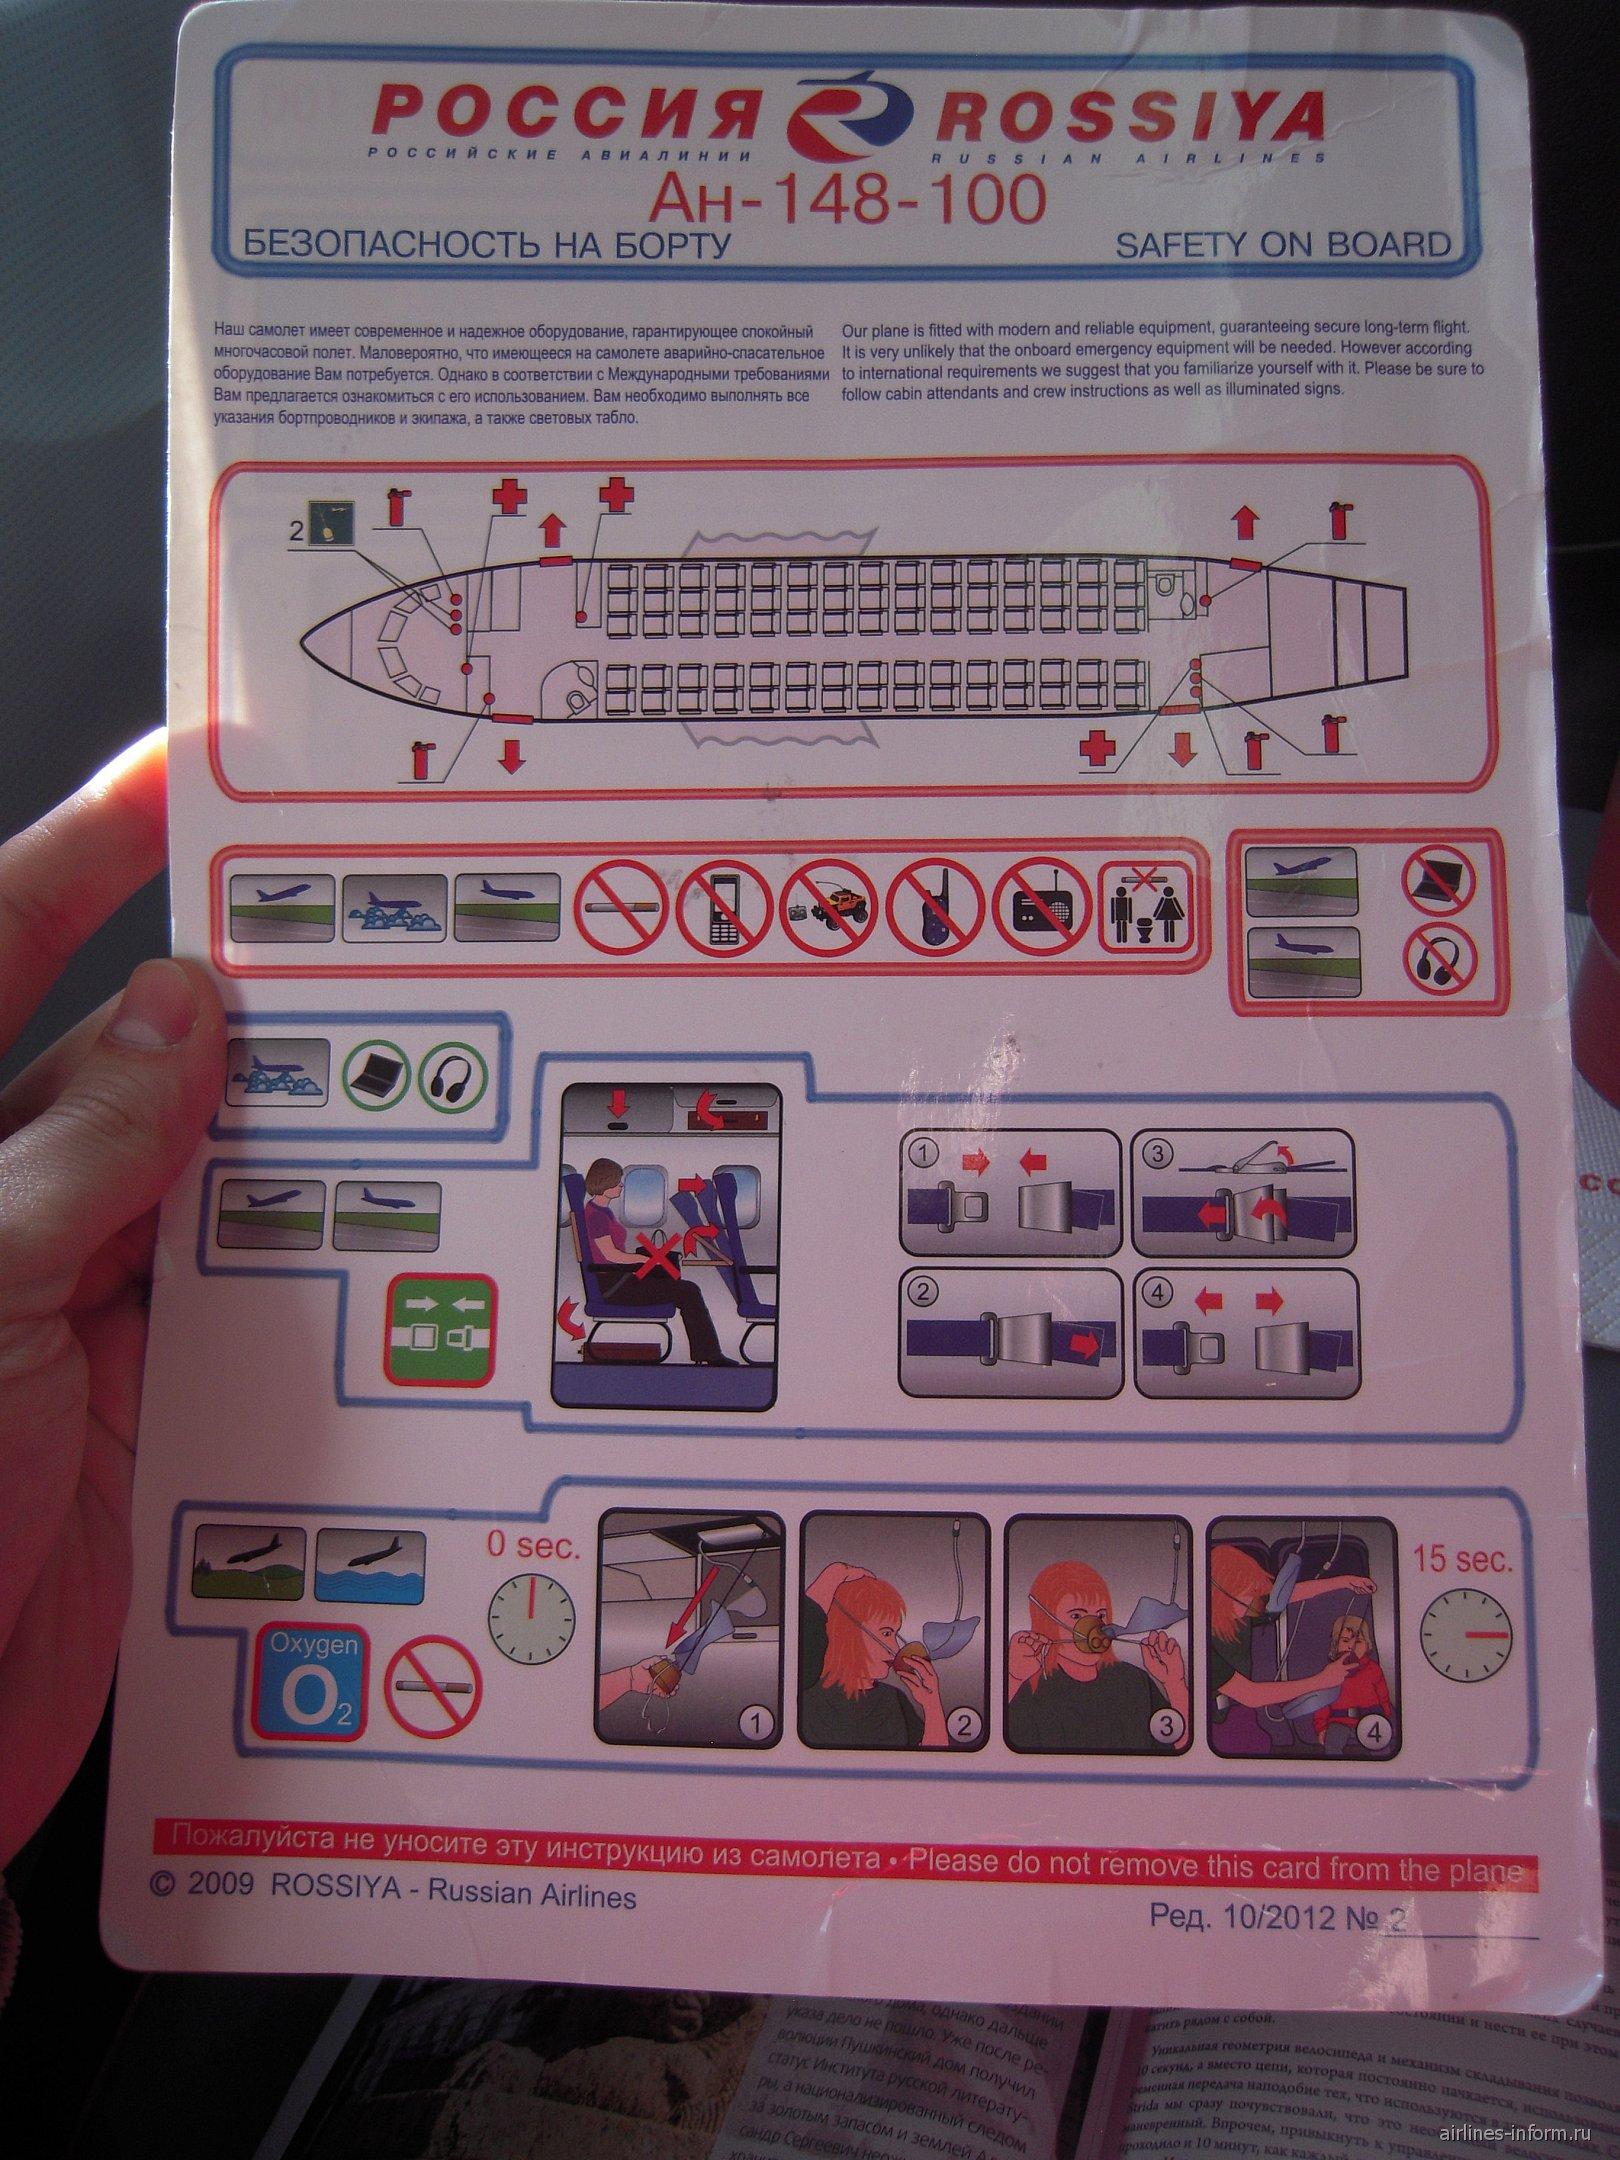 Инструкция по безопасности самолета Ан-148 авиакомпании Россия